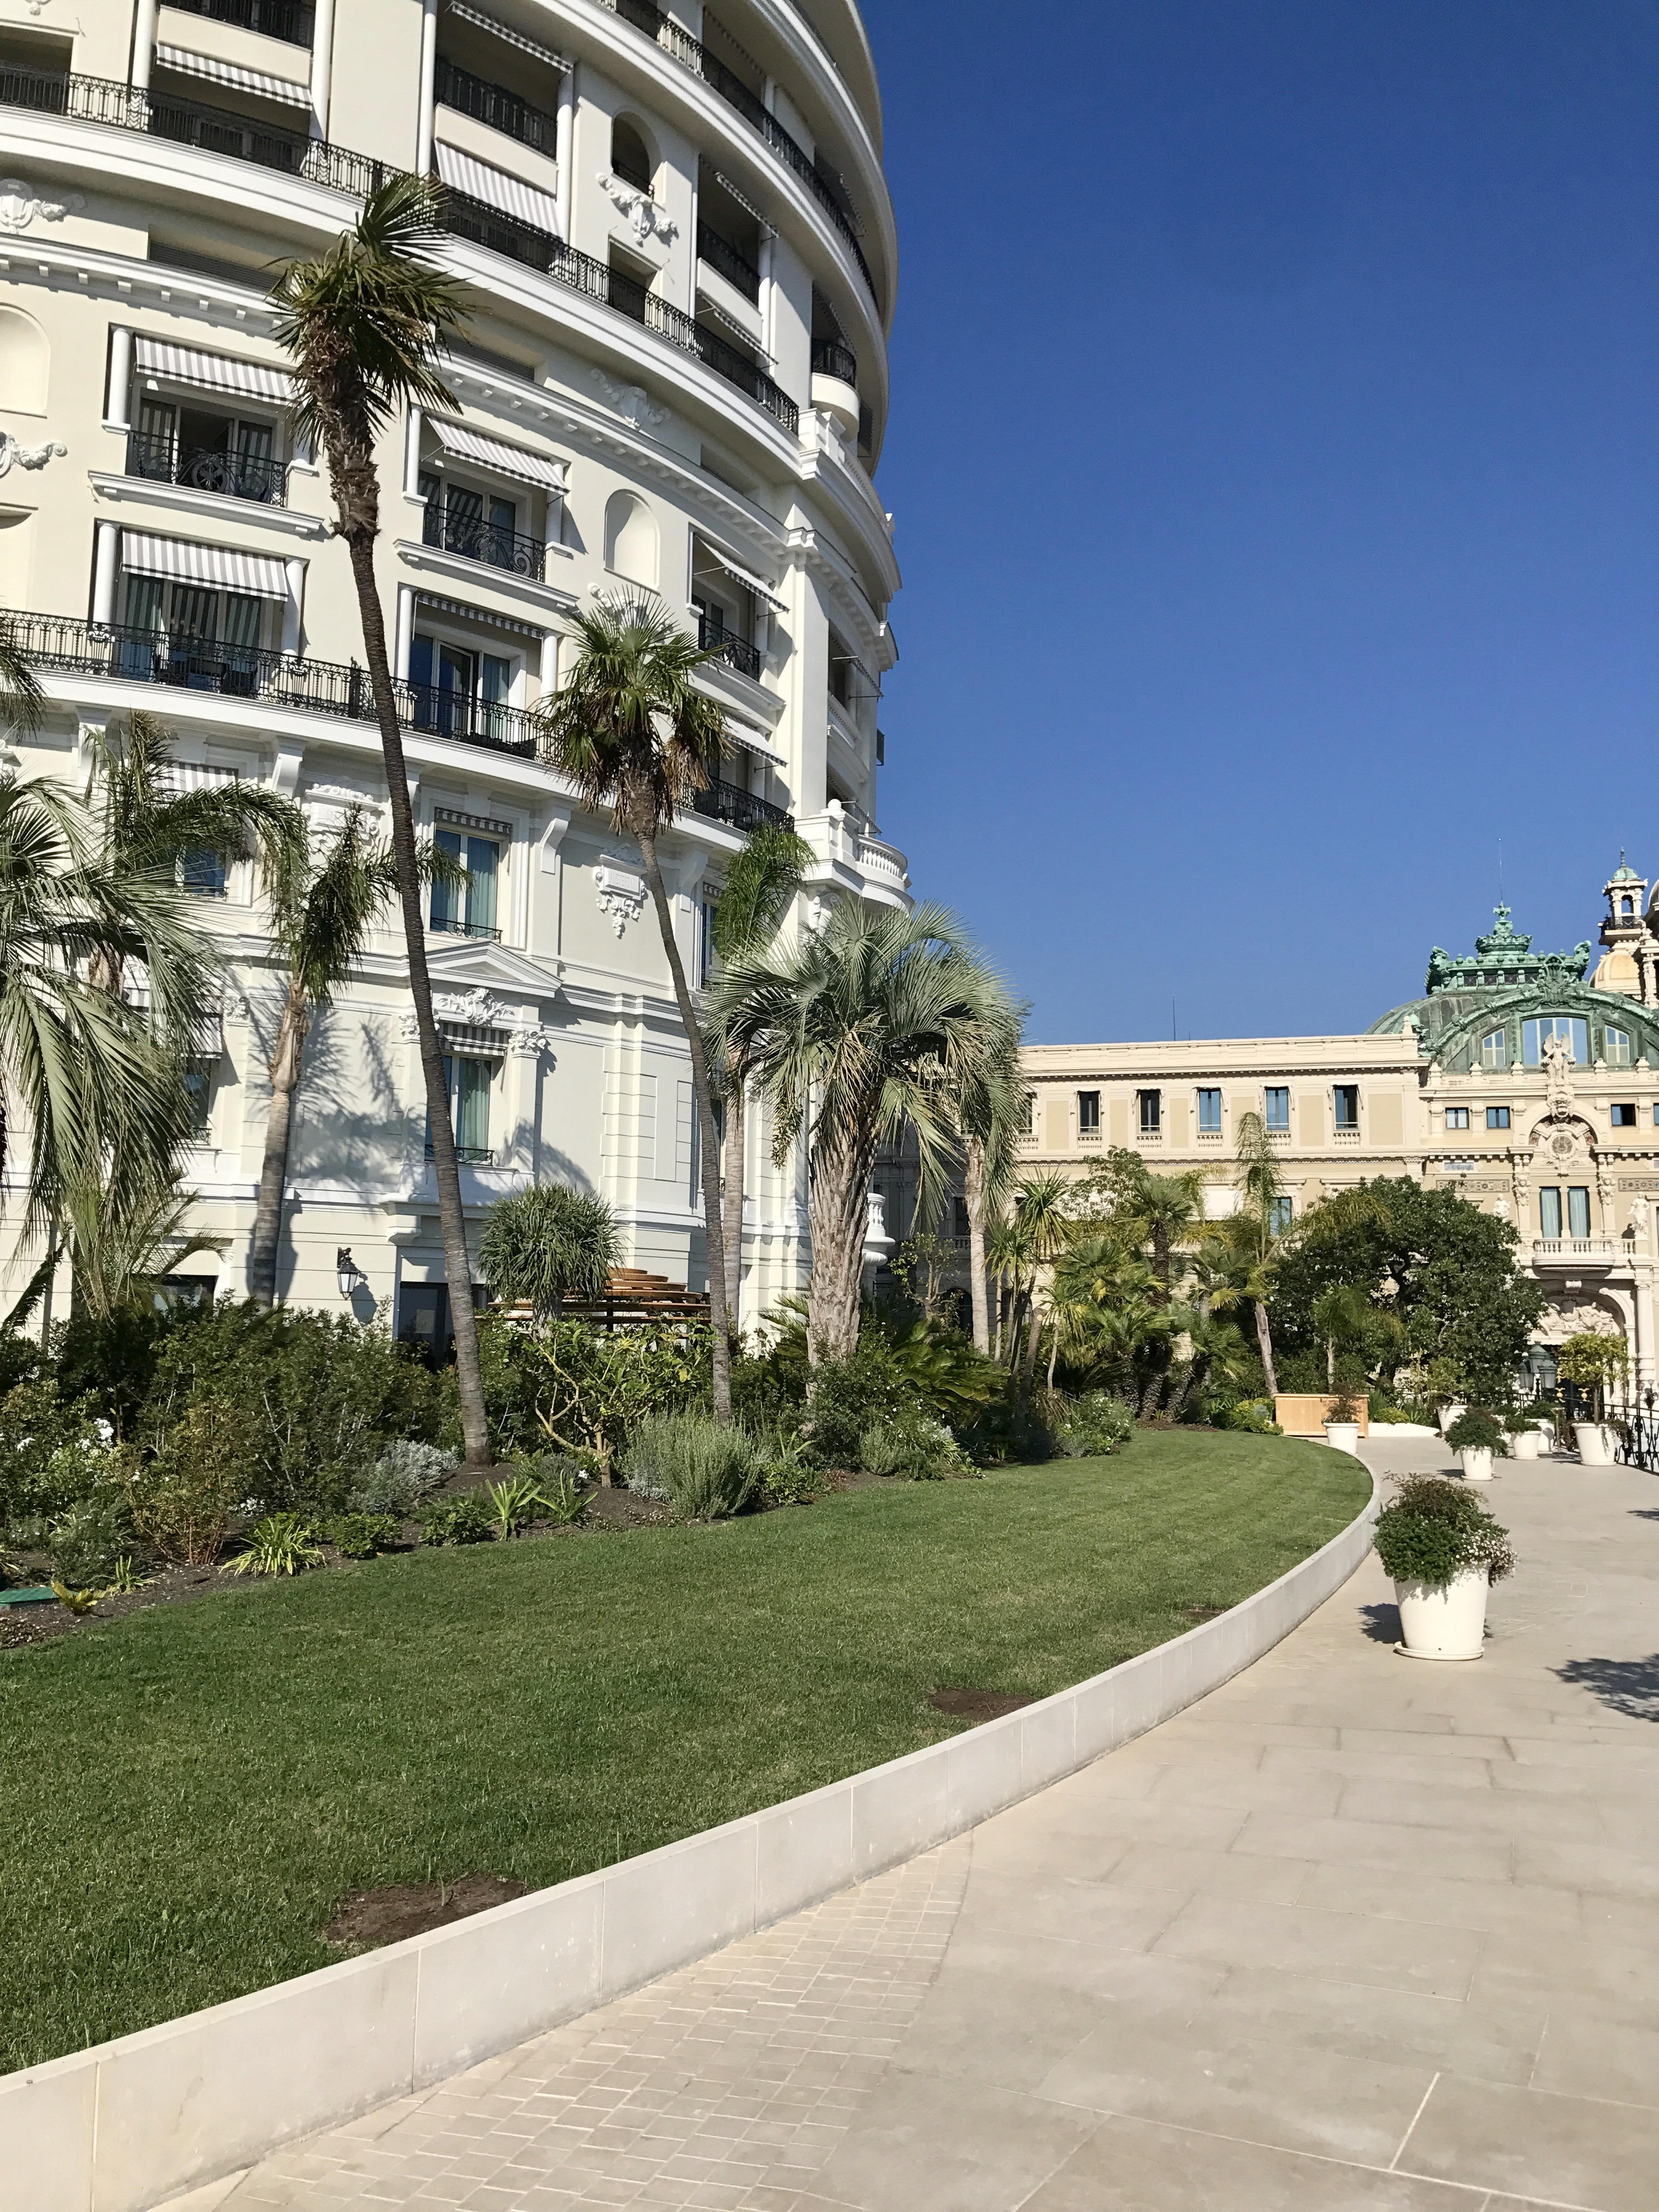 HOTEL DE PARIS - MONACO - Création de la Roseraie + Terrasse - Mars à Mai 2017